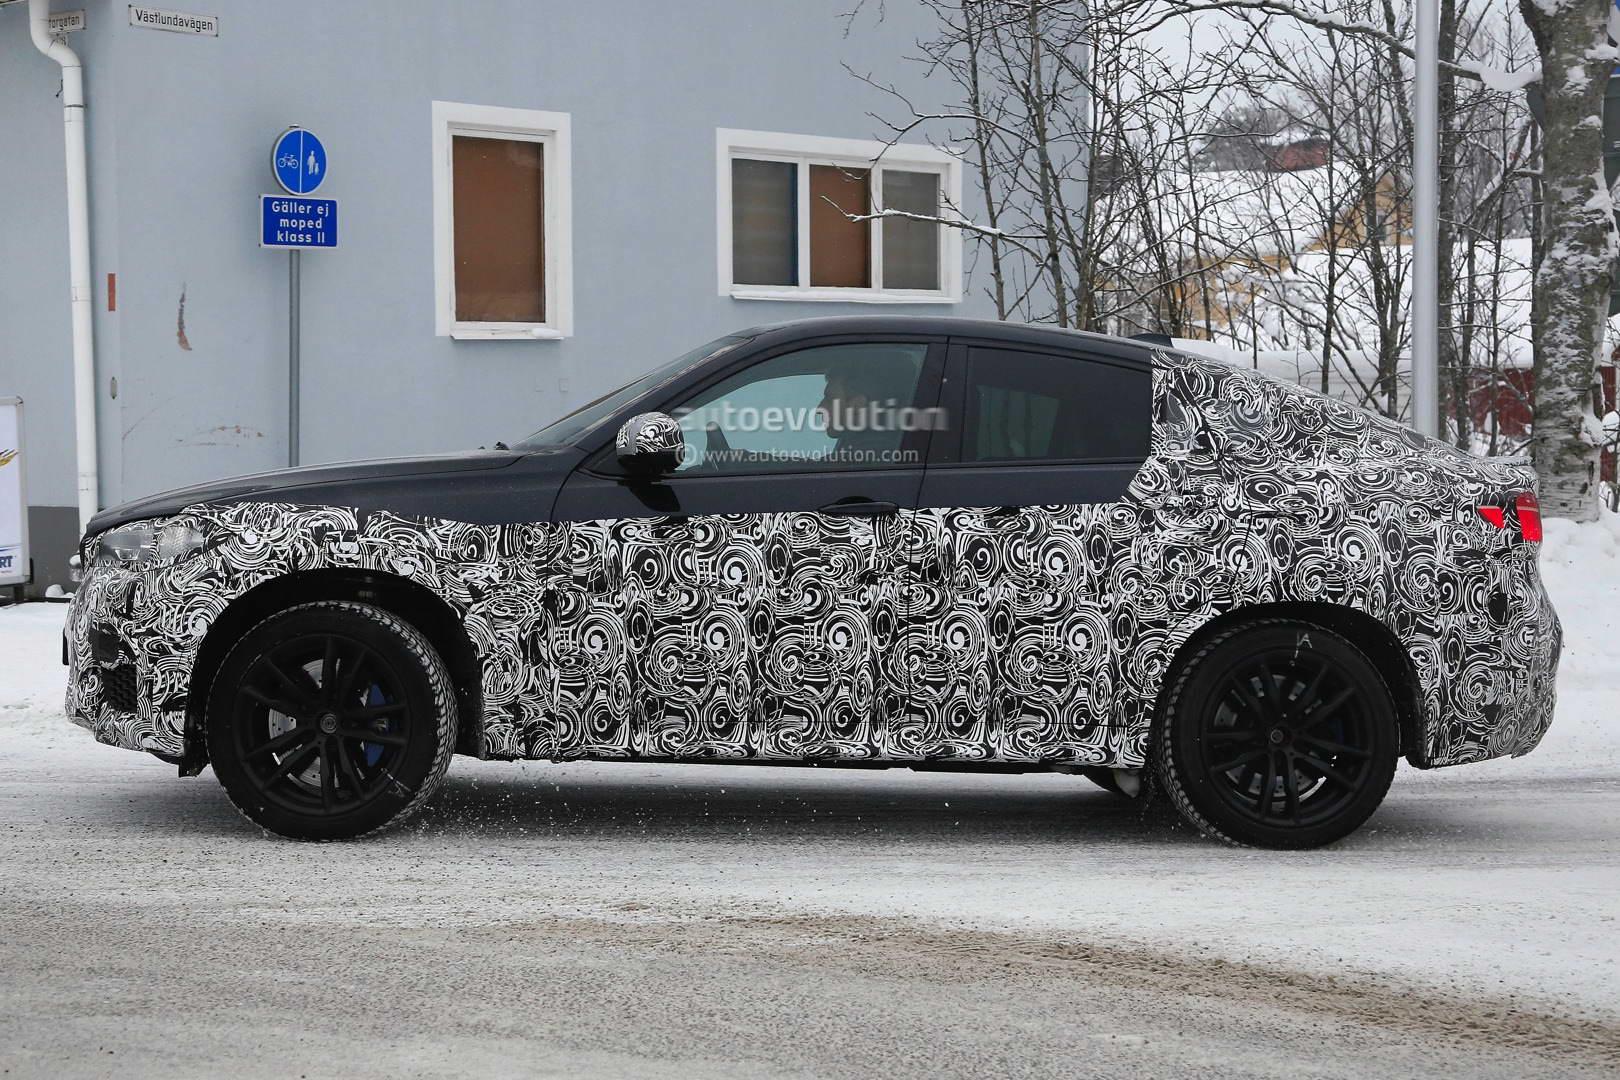 BMW X6 M 2015 F86 spy